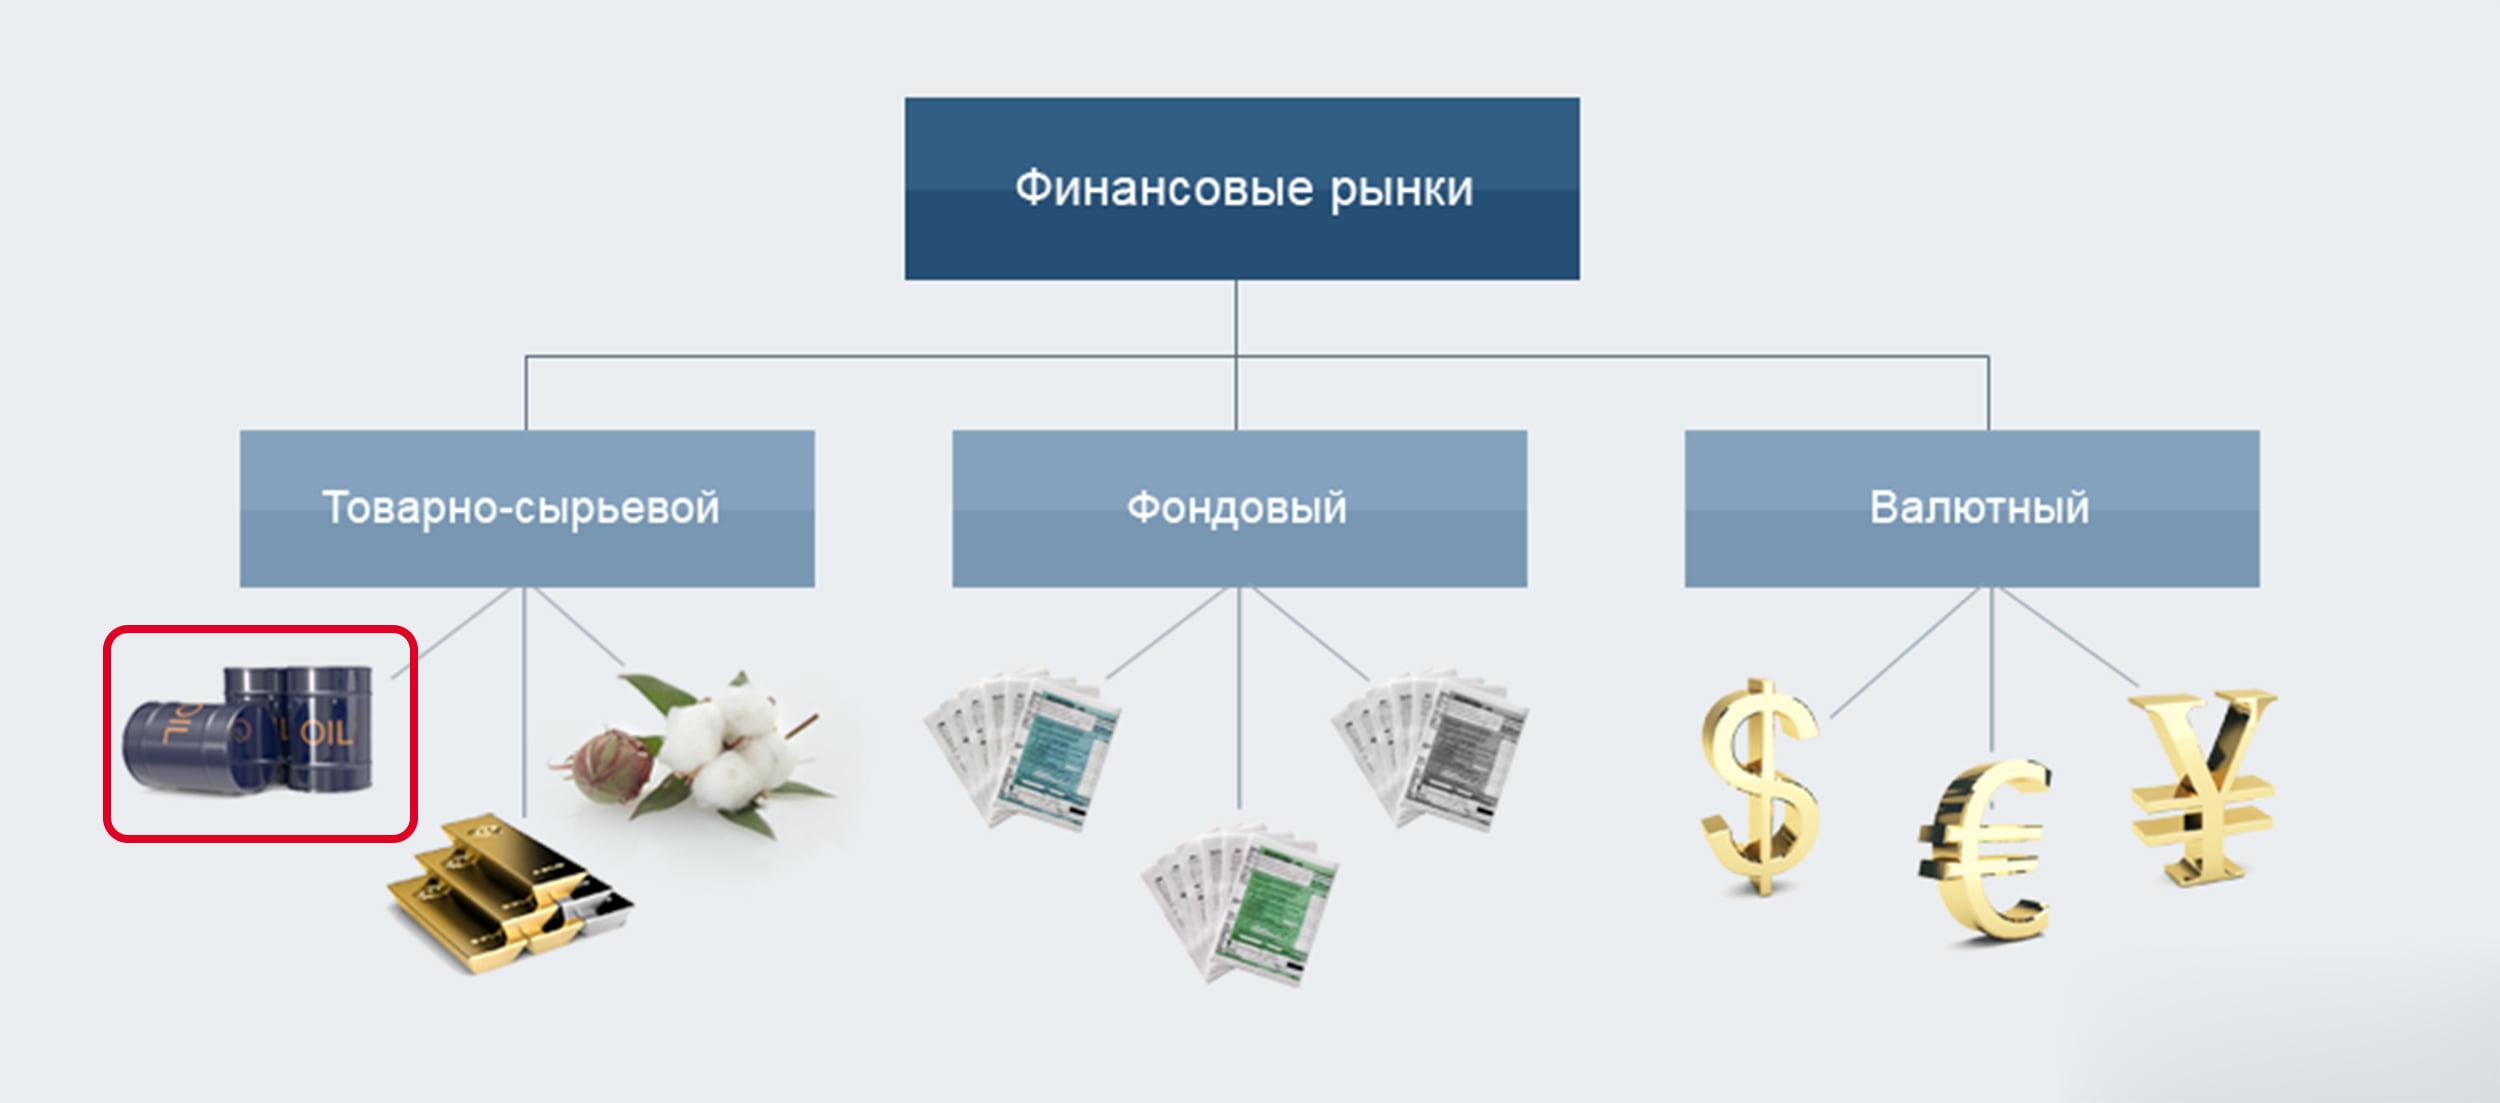 Регулирование рынка ценных бумаг в рф осуществляется